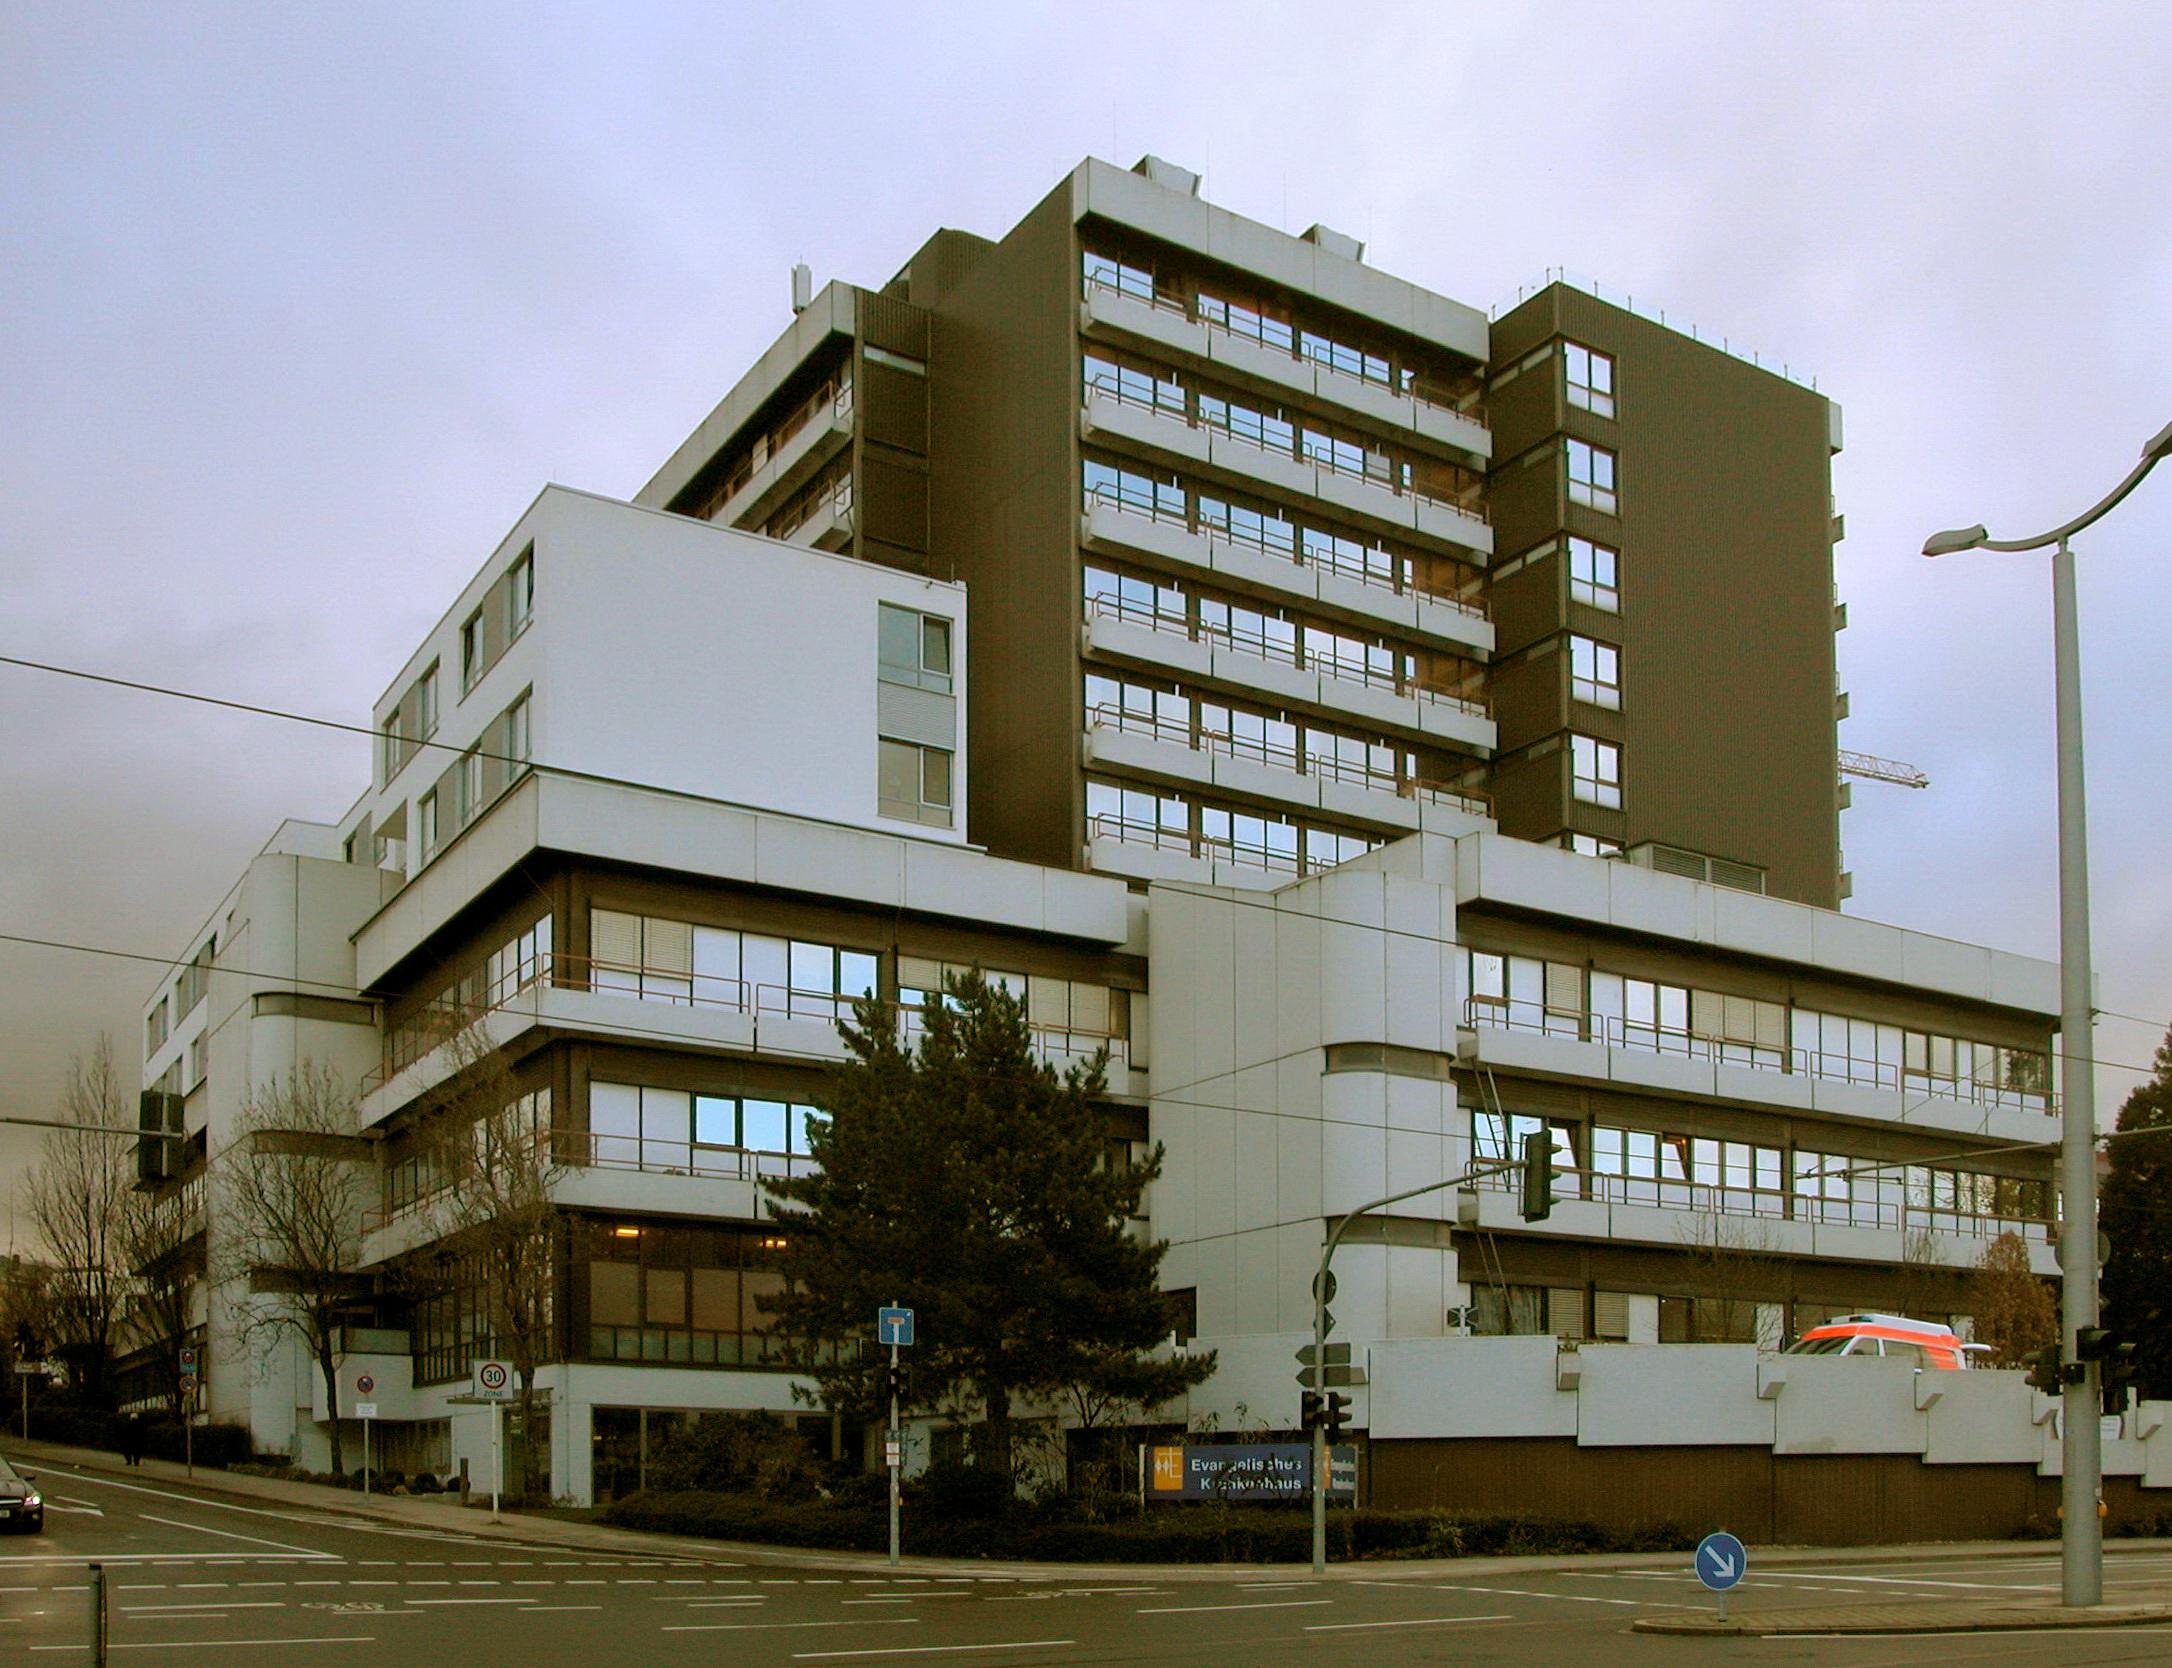 Evangelisches Krankenhaus Mülheim Wikipedia